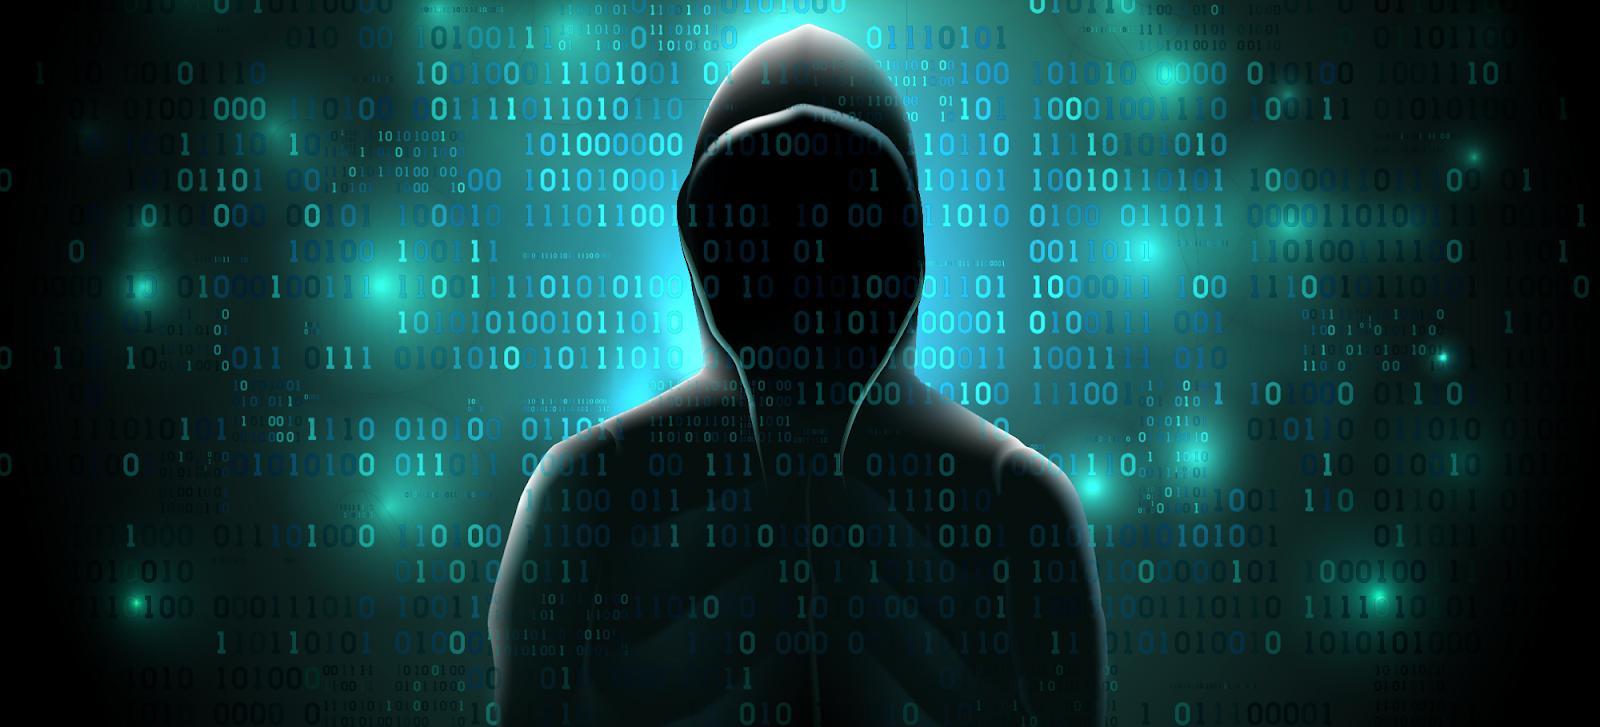 Представительство президента Украины в Крыму атаковали хакеры ФСБ